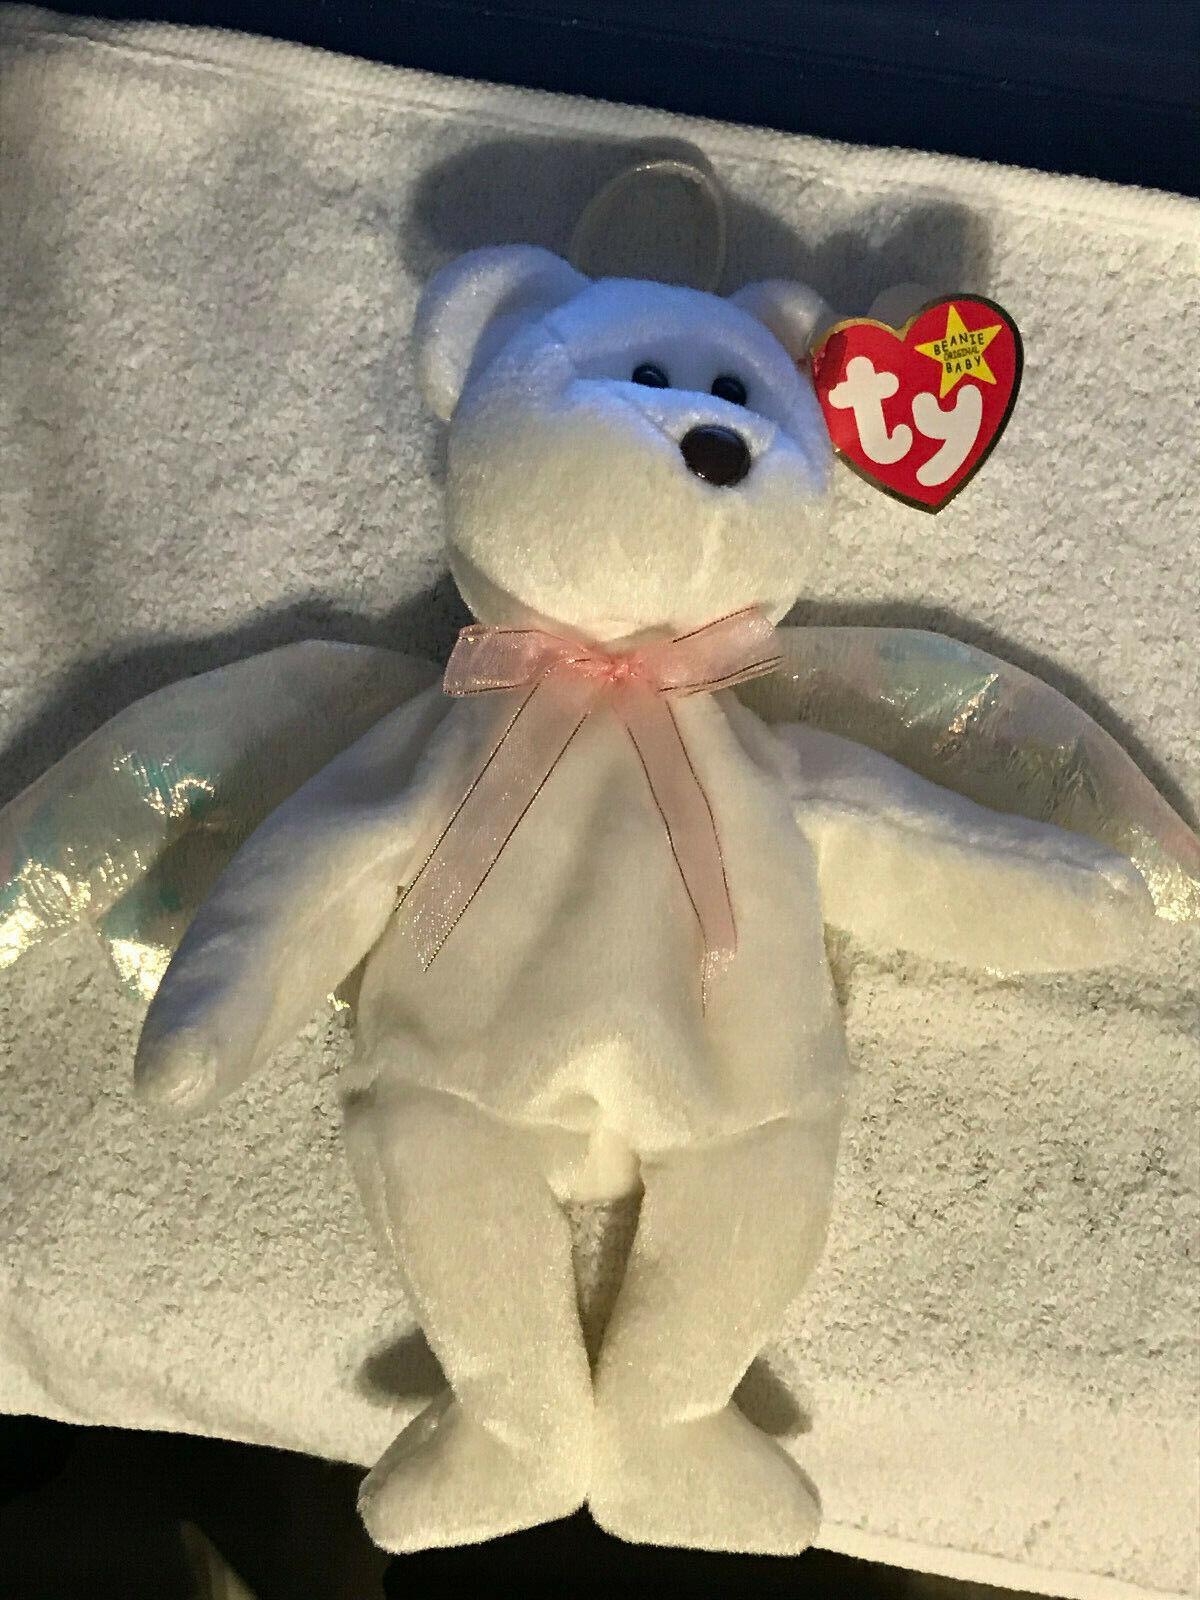 Tabini, Cyeiño - halo, Ángel oso, nariz marrón ¡Tabini, Cyeiño - halo, Ángel oso, nariz marrón Error de etiqueta ¡Error de etiqueta 31 de agosto de 1998